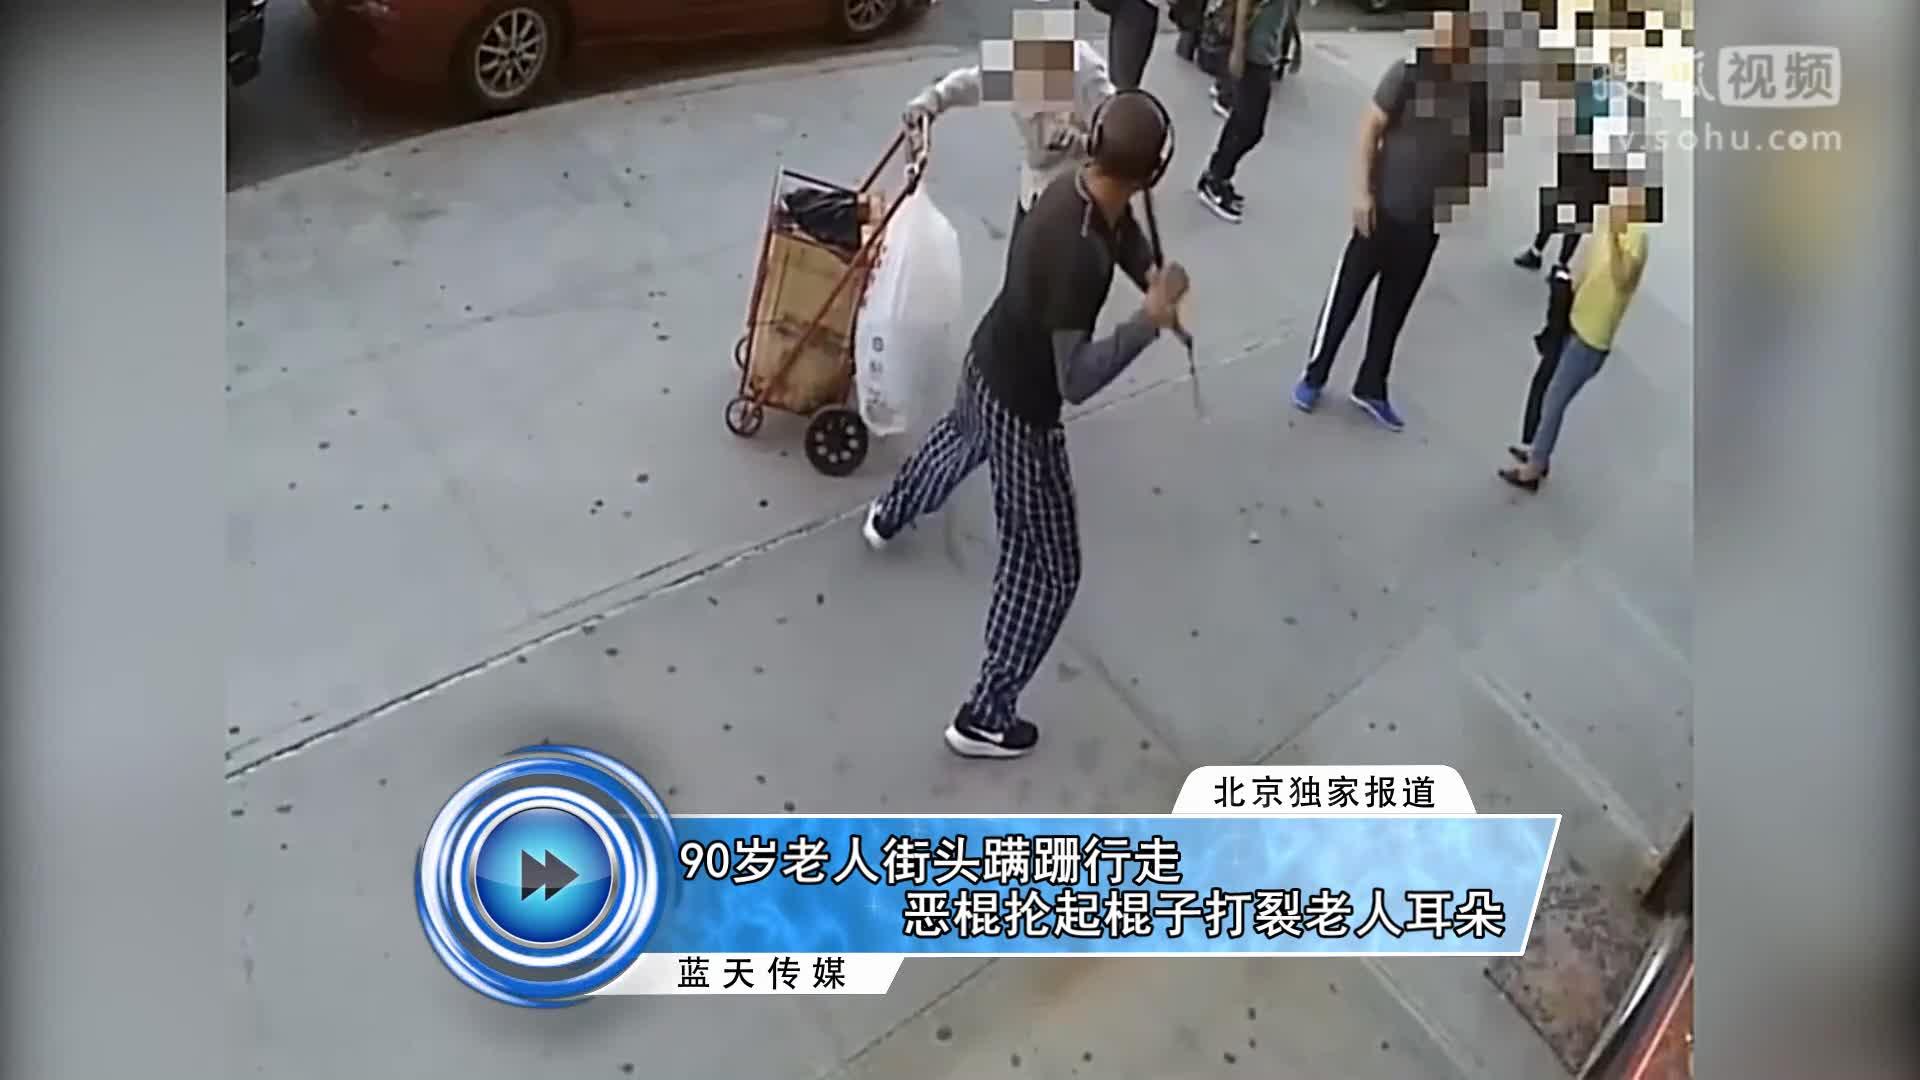 90岁老人街头蹒跚行走 恶棍抡起棍子打裂老人耳朵